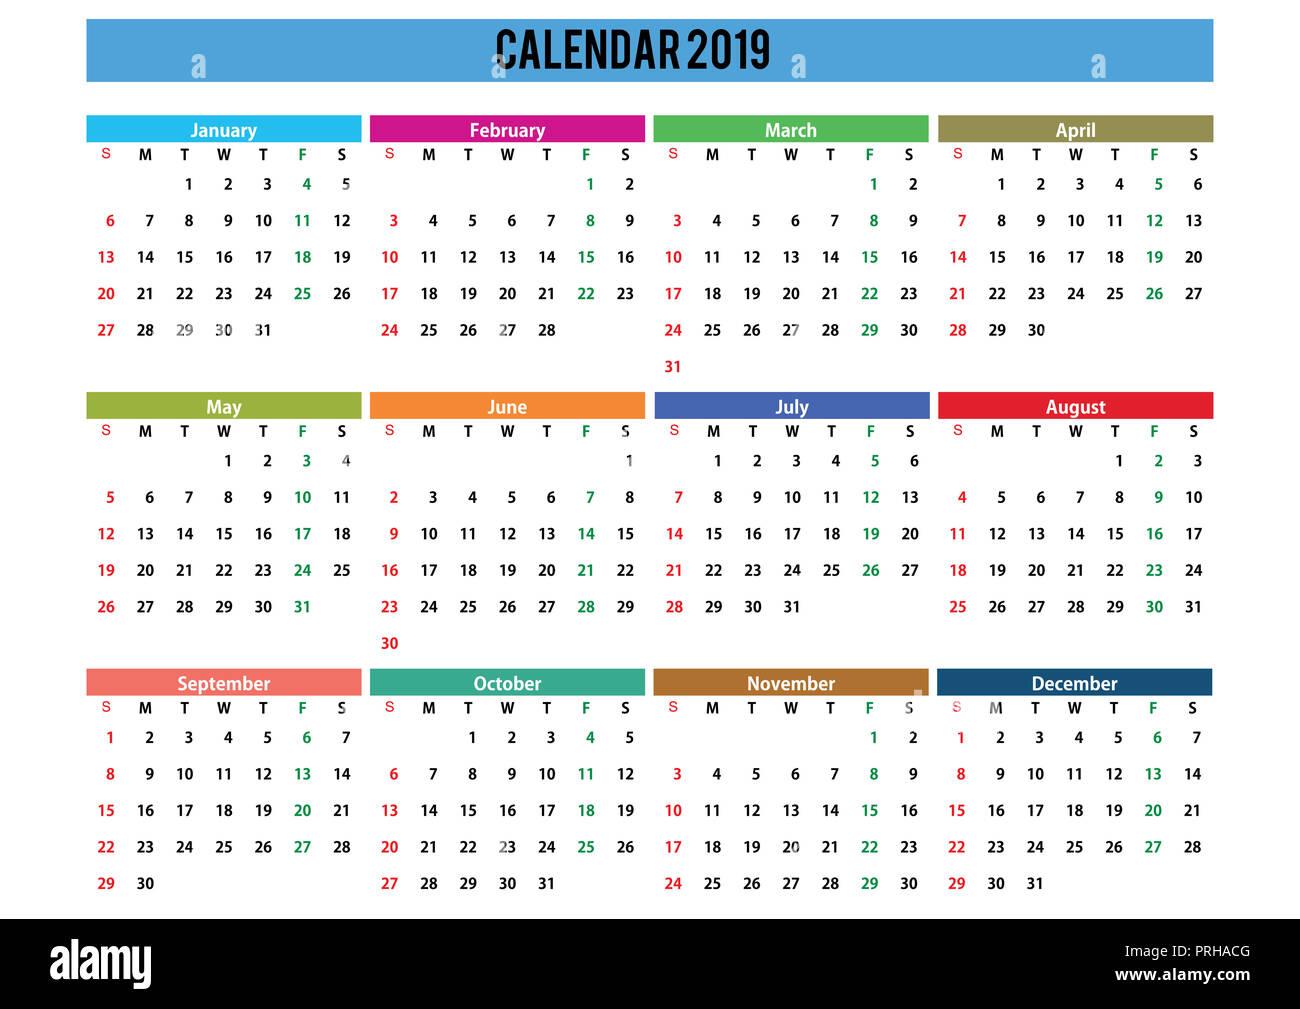 Calendario 2019 English.2019 English Generic Calendar A3 Easy Cropping For The Busy